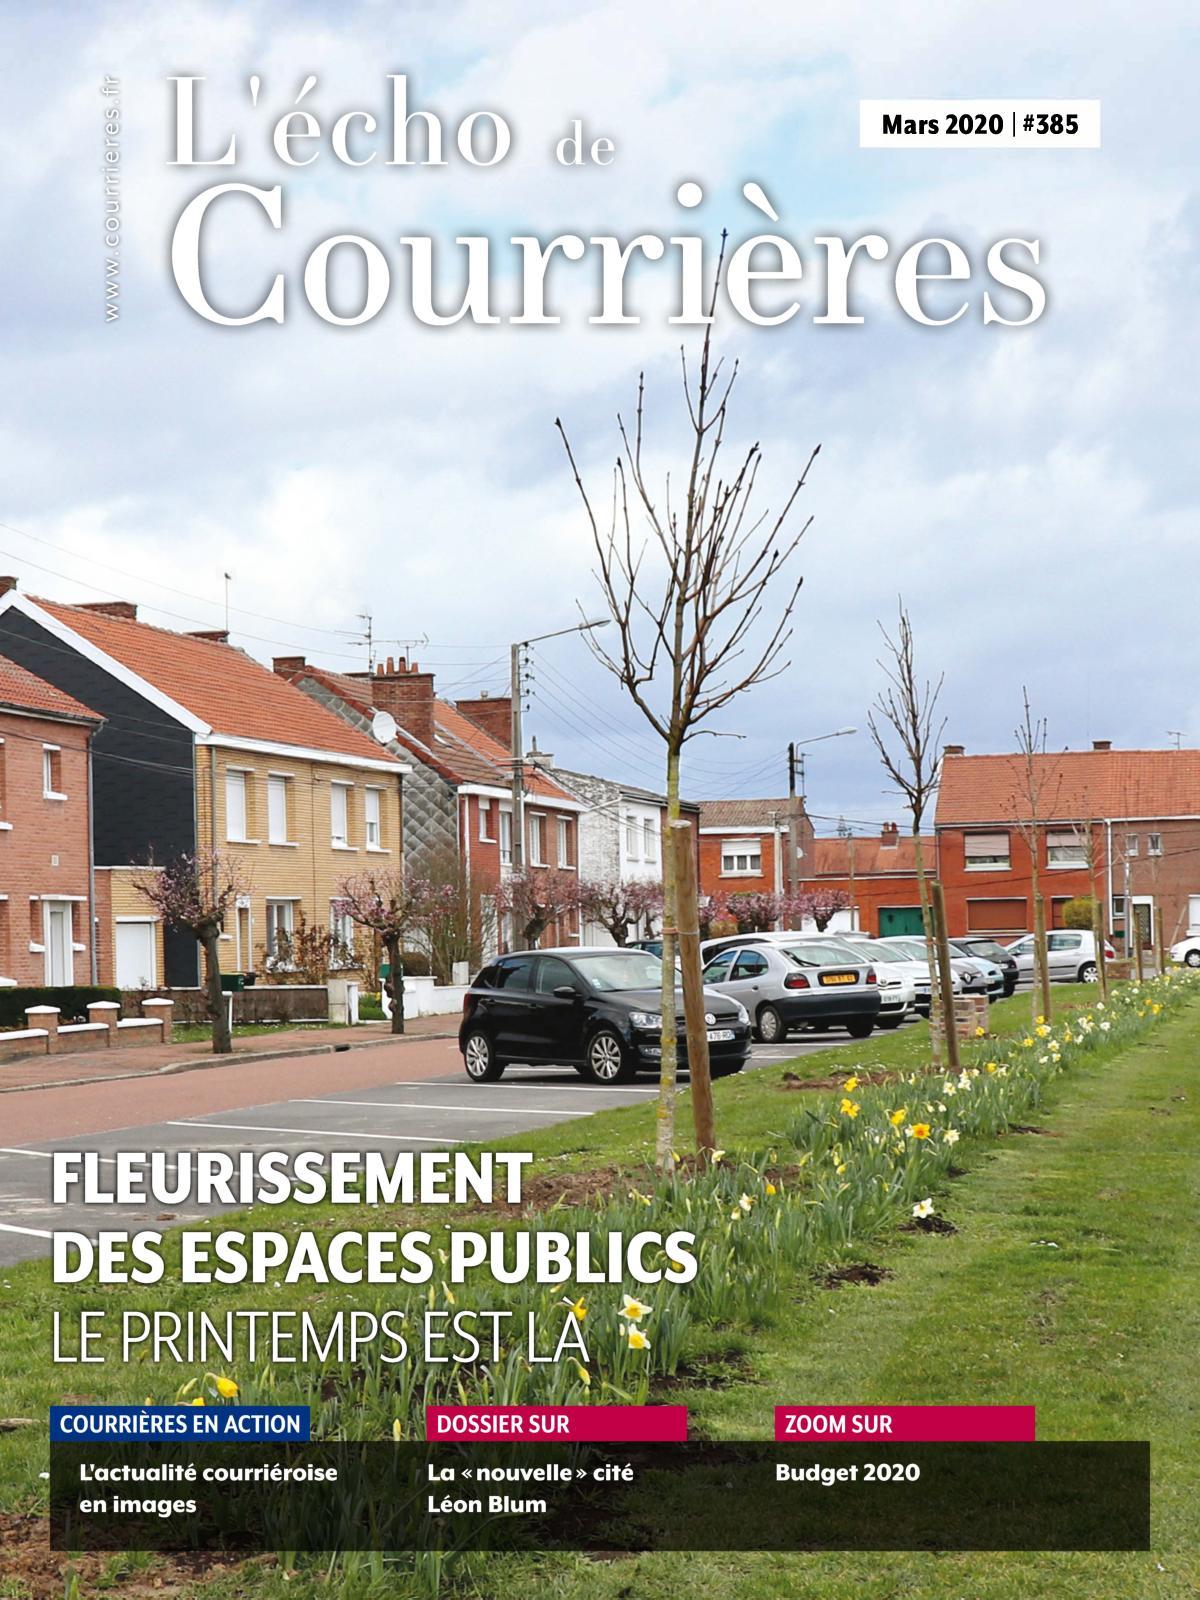 Calaméo - Echo De Courrières N°385 (Mars 2020) avec Piscine De Courrieres